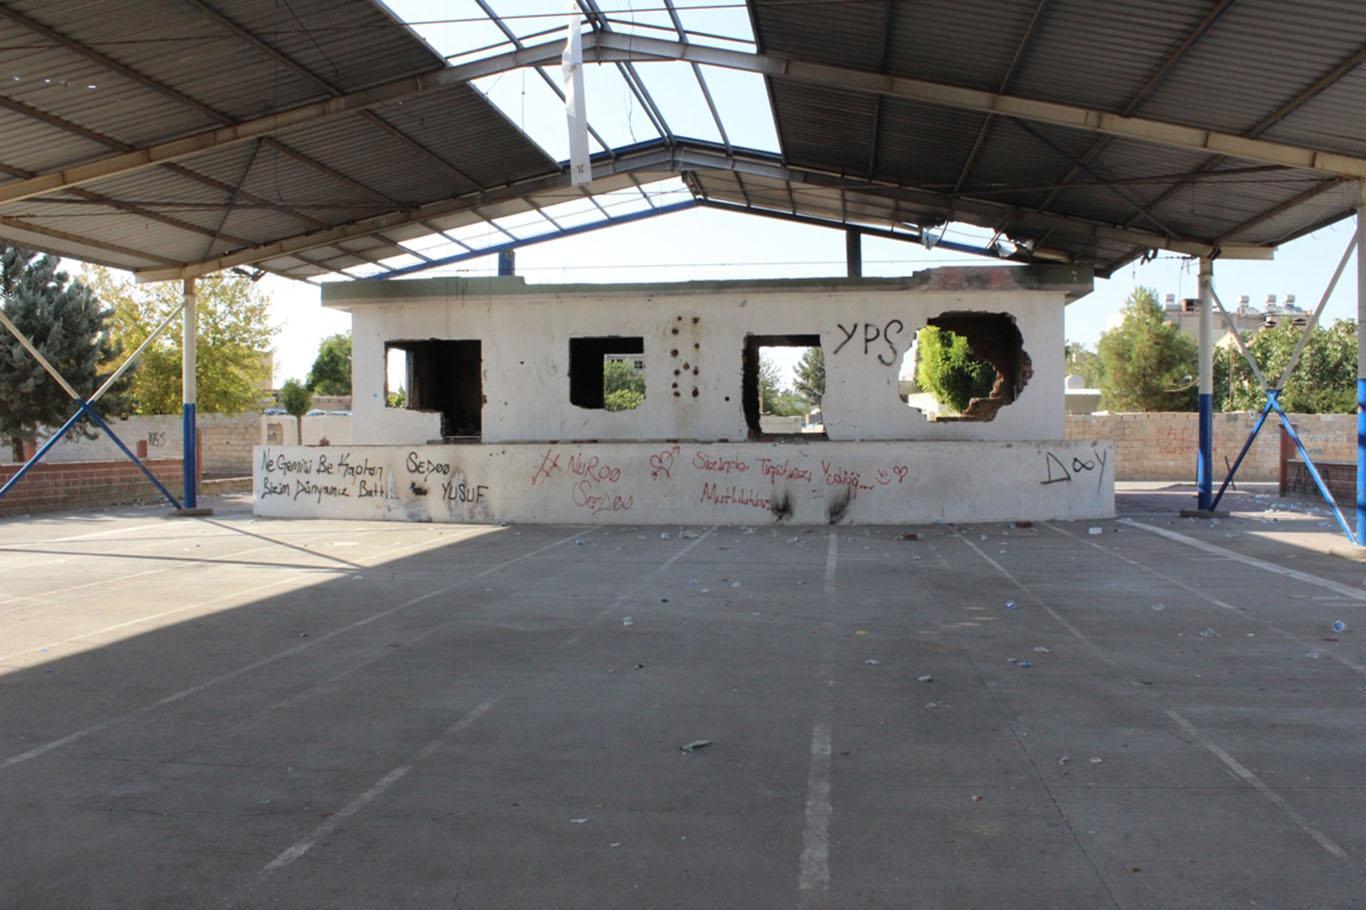 Urfa'daki Kapalı Semt Pazarı madde bağımlıların mekânı oldu